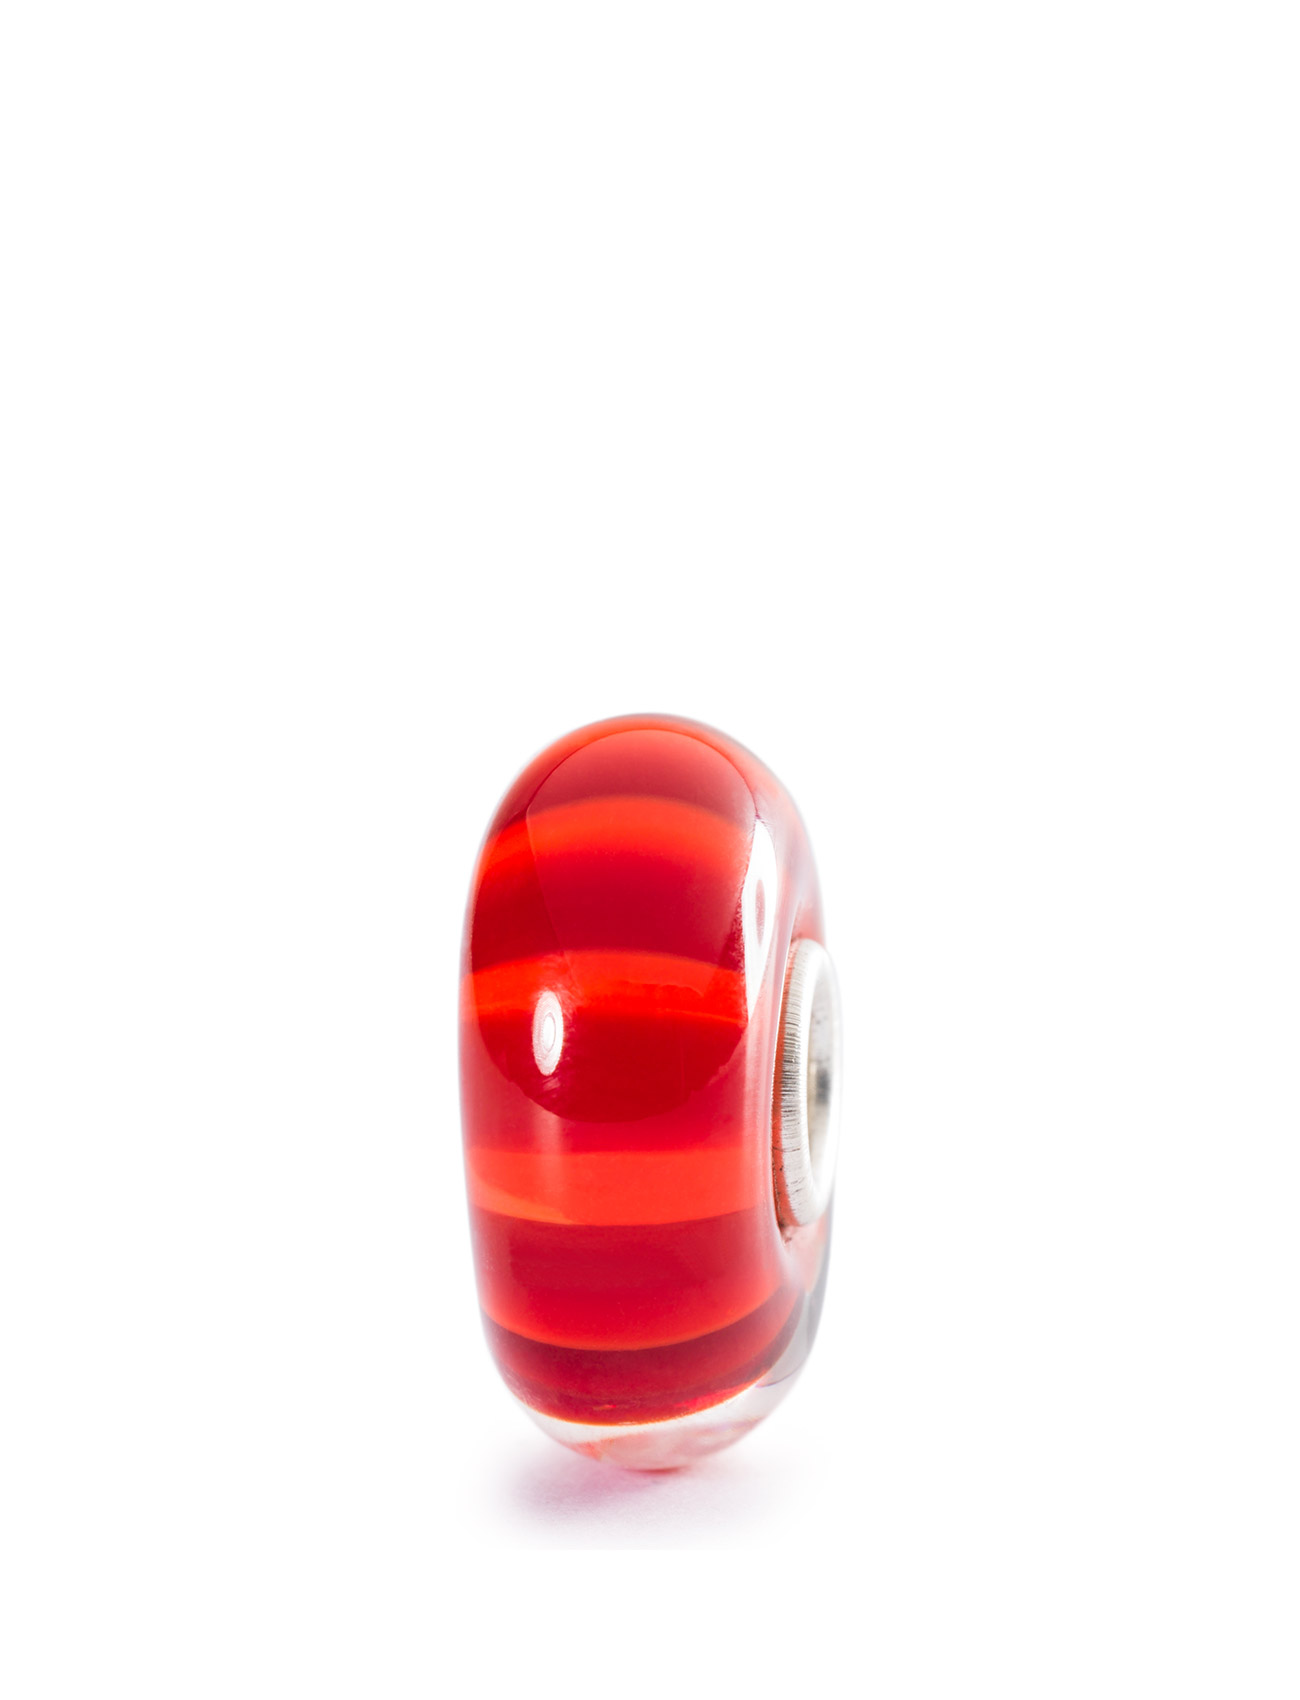 Autumn Rays Trollbeads Smykker til Damer i Rød